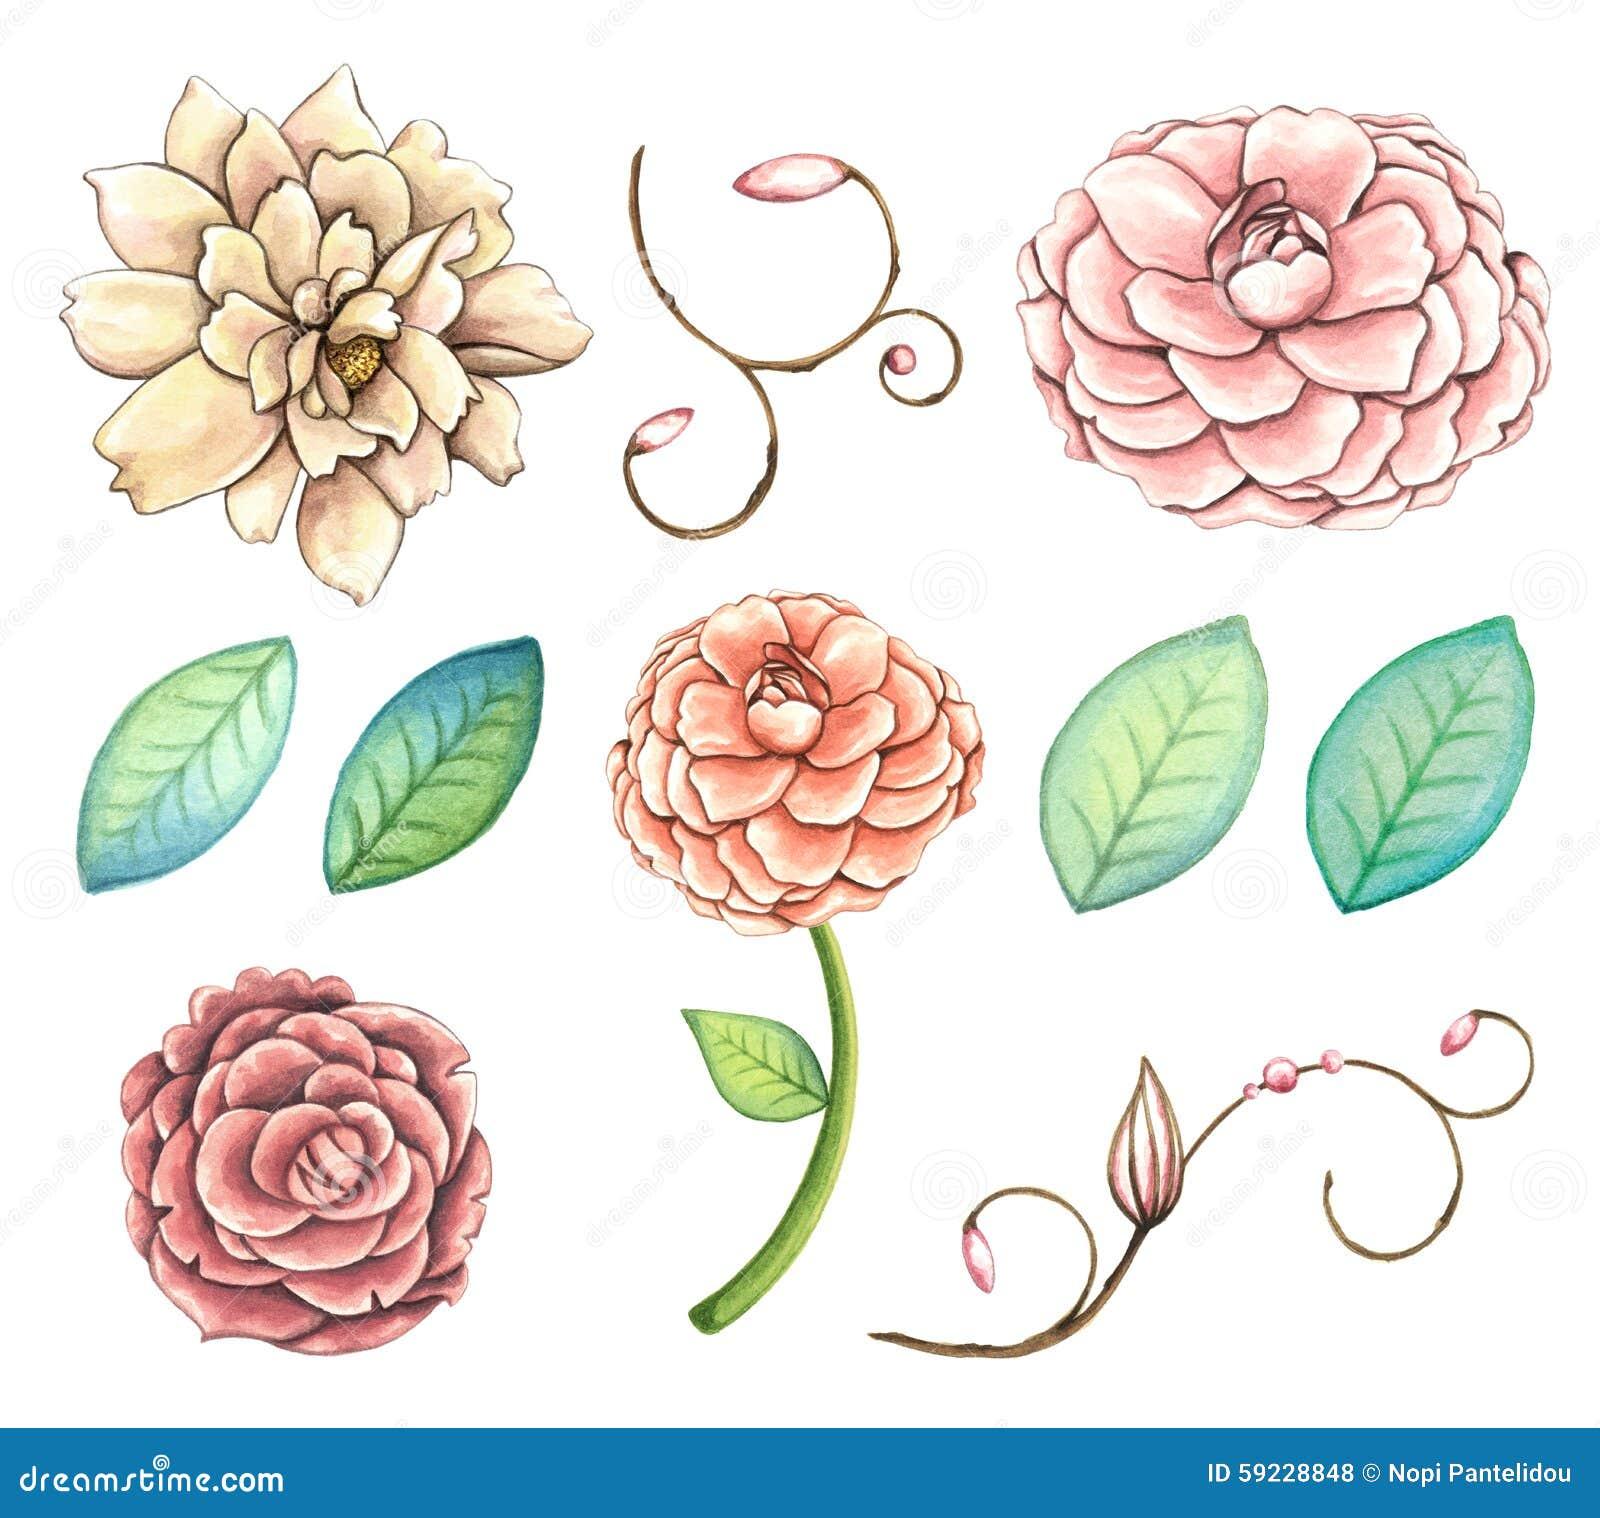 Download Sistema Pintado A Mano Del Clip Art De Las Flores De La Acuarela Stock de ilustración - Ilustración de objeto, para: 59228848